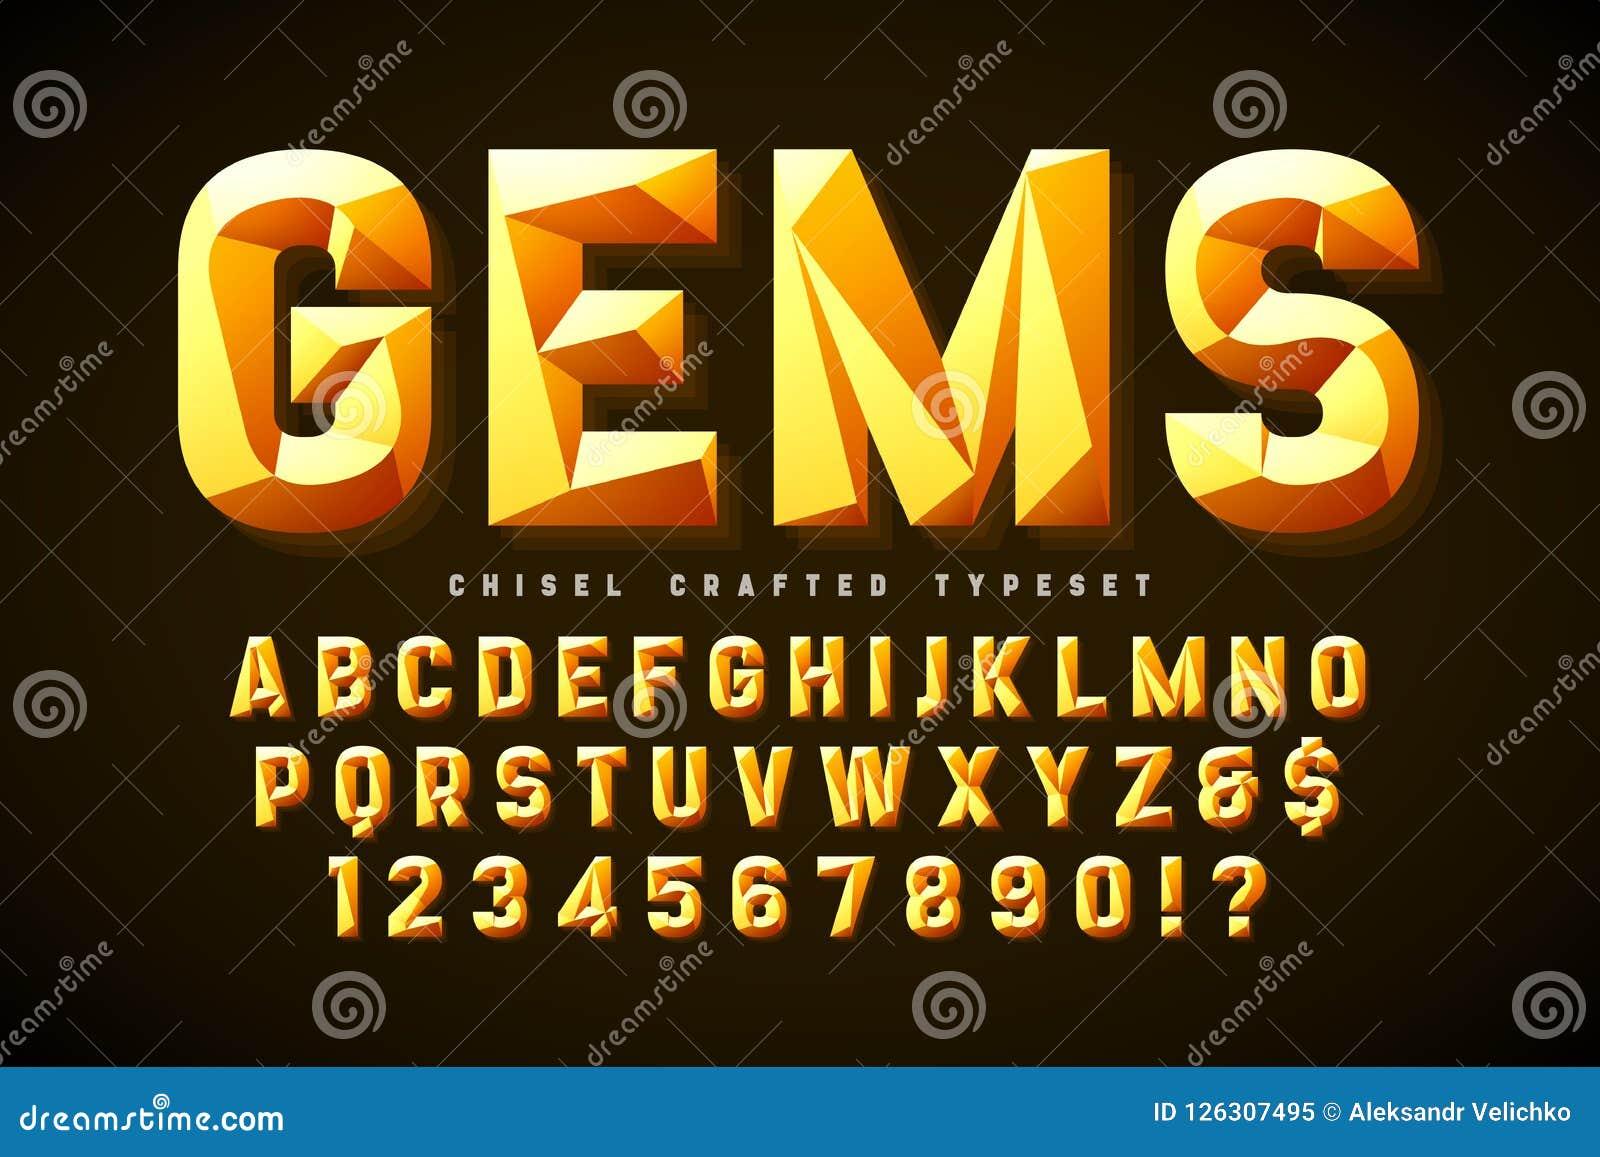 Πηγή επίδειξης κρυστάλλου με τις απόψεις, το αλφάβητο, τις επιστολές και τους αριθμούς